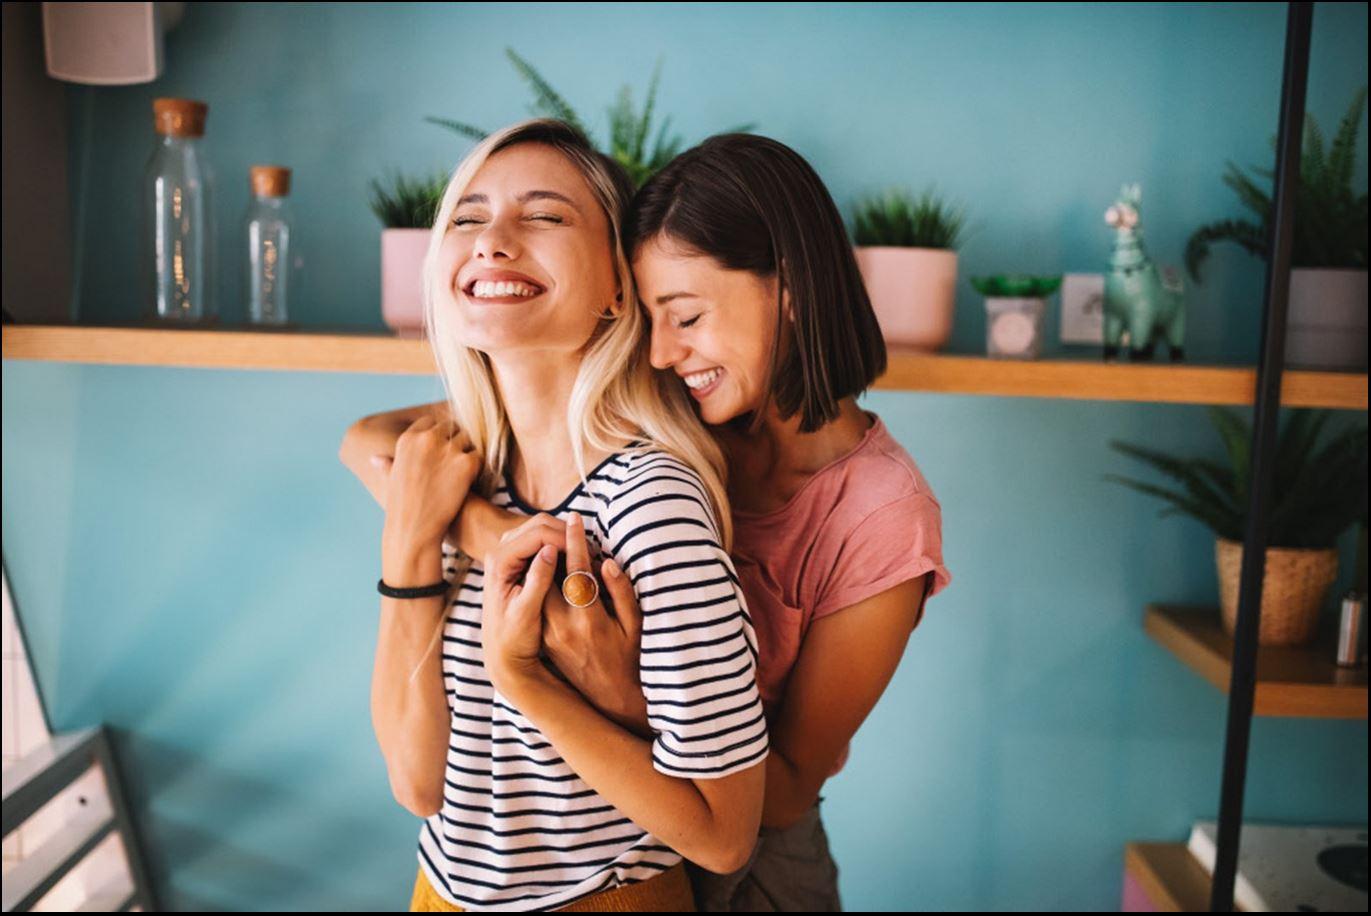 Zwei Frauen umarmen sich breit grinsend und halten dabei Händchen.